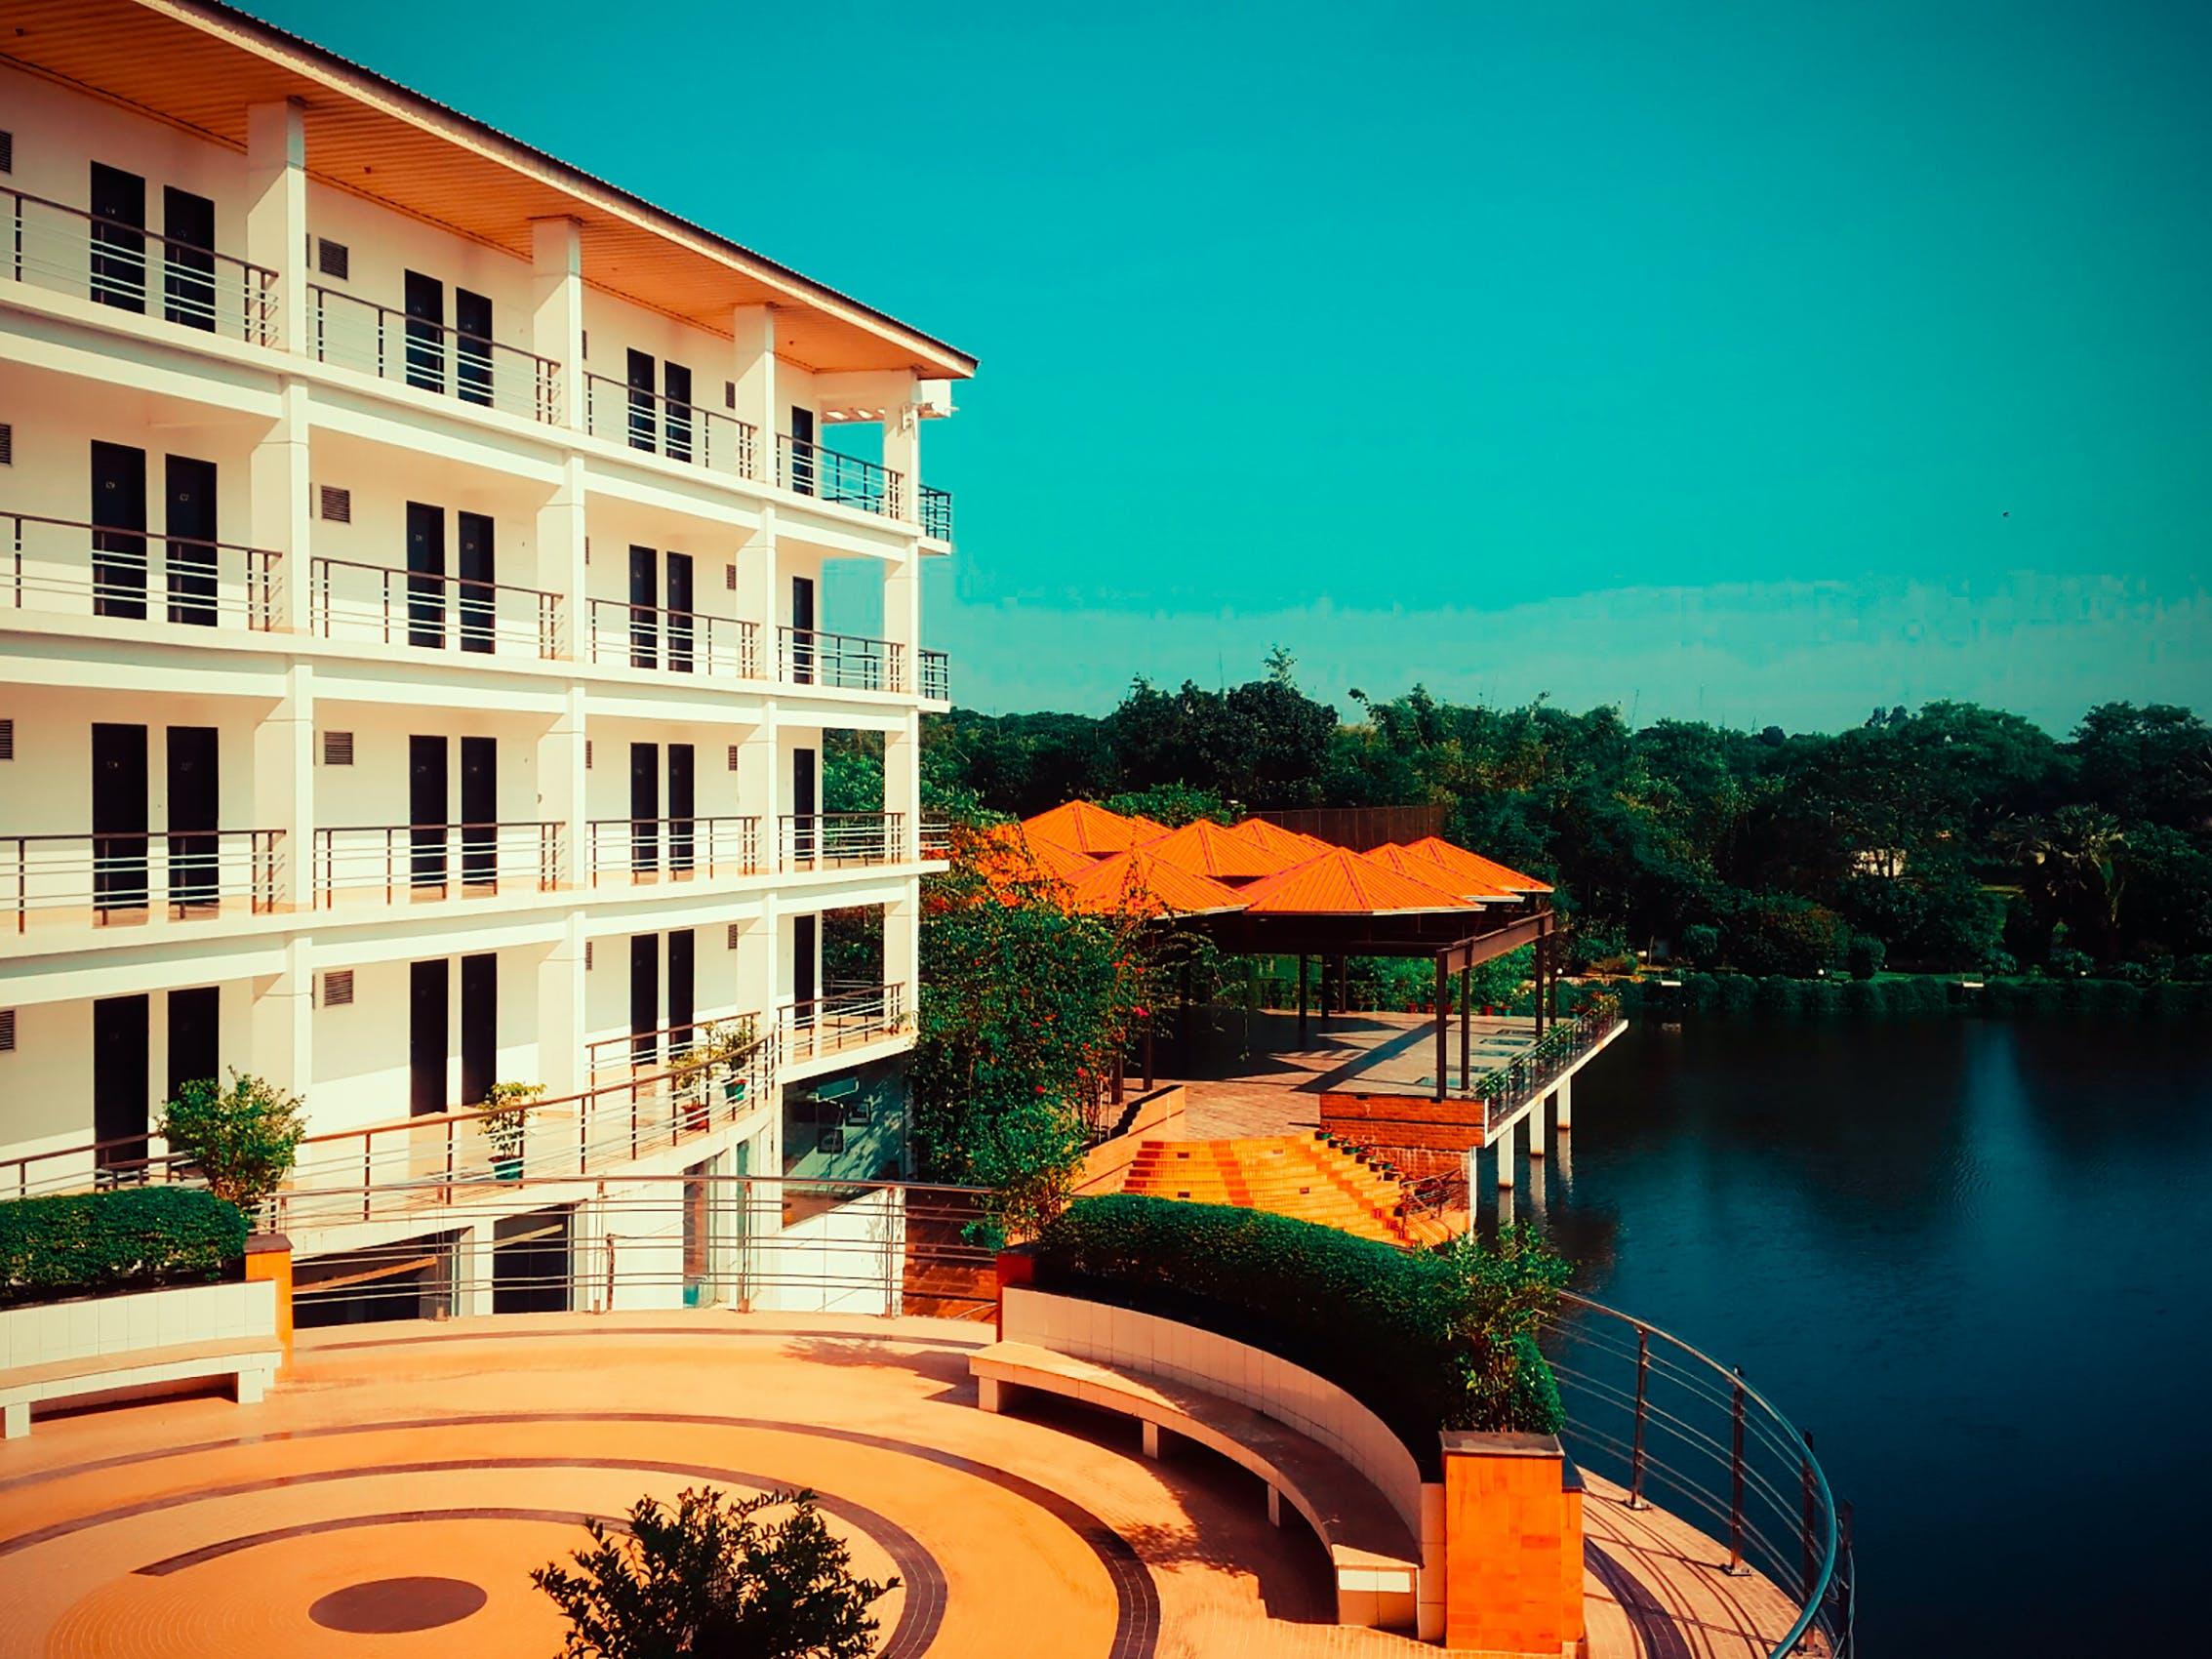 Kostnadsfri bild av arkitektur, balkong, bassängkant, byggnad